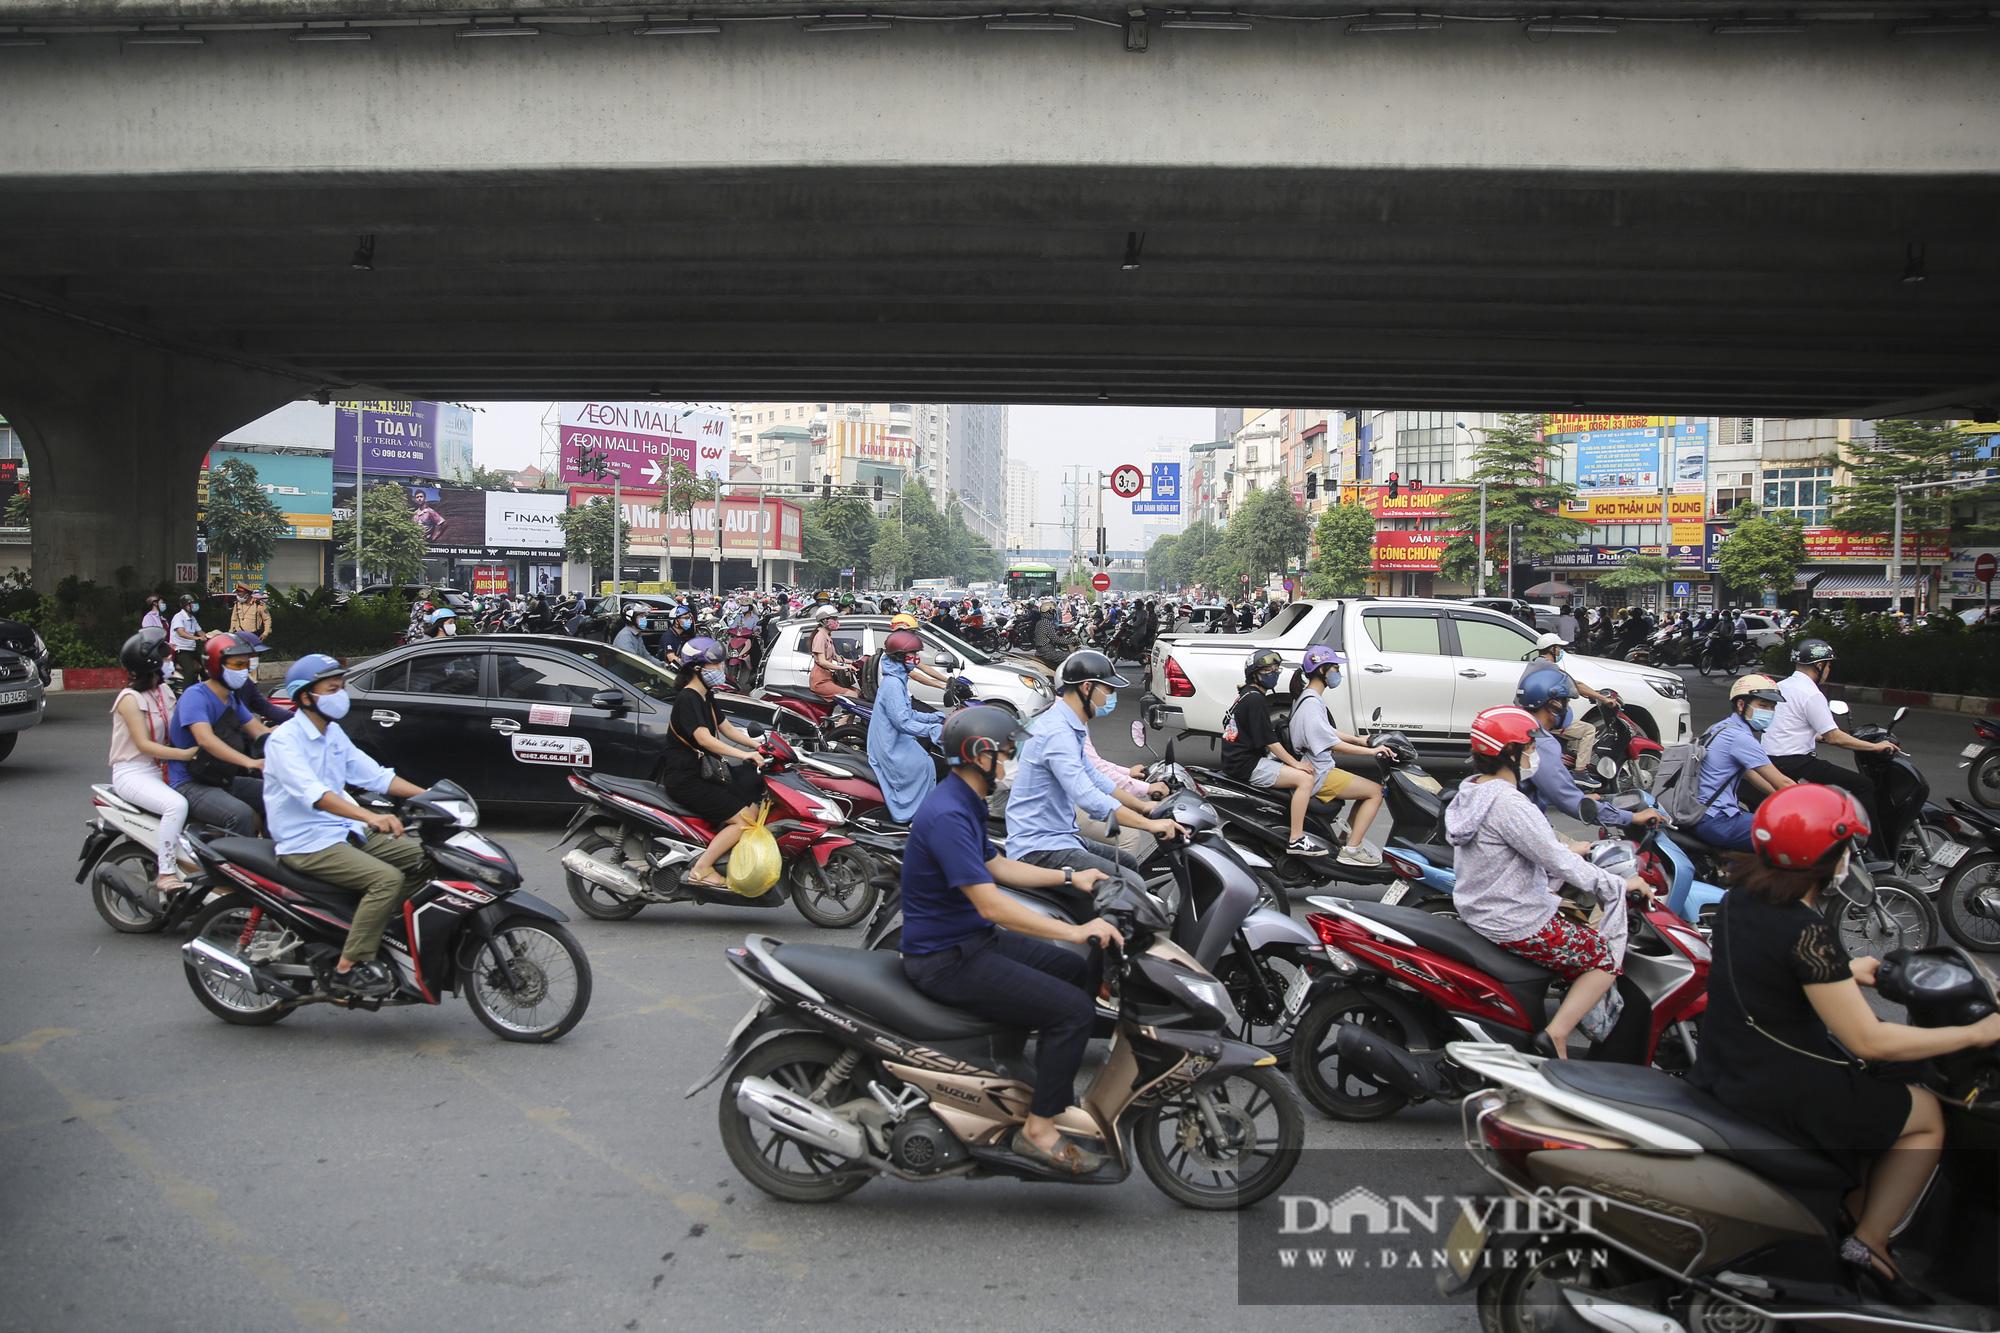 Cập nhật tình hình giao thông tại các cửa ngõ vào nội thành Hà Nội sau nghỉ lễ 2/9 - Ảnh 5.